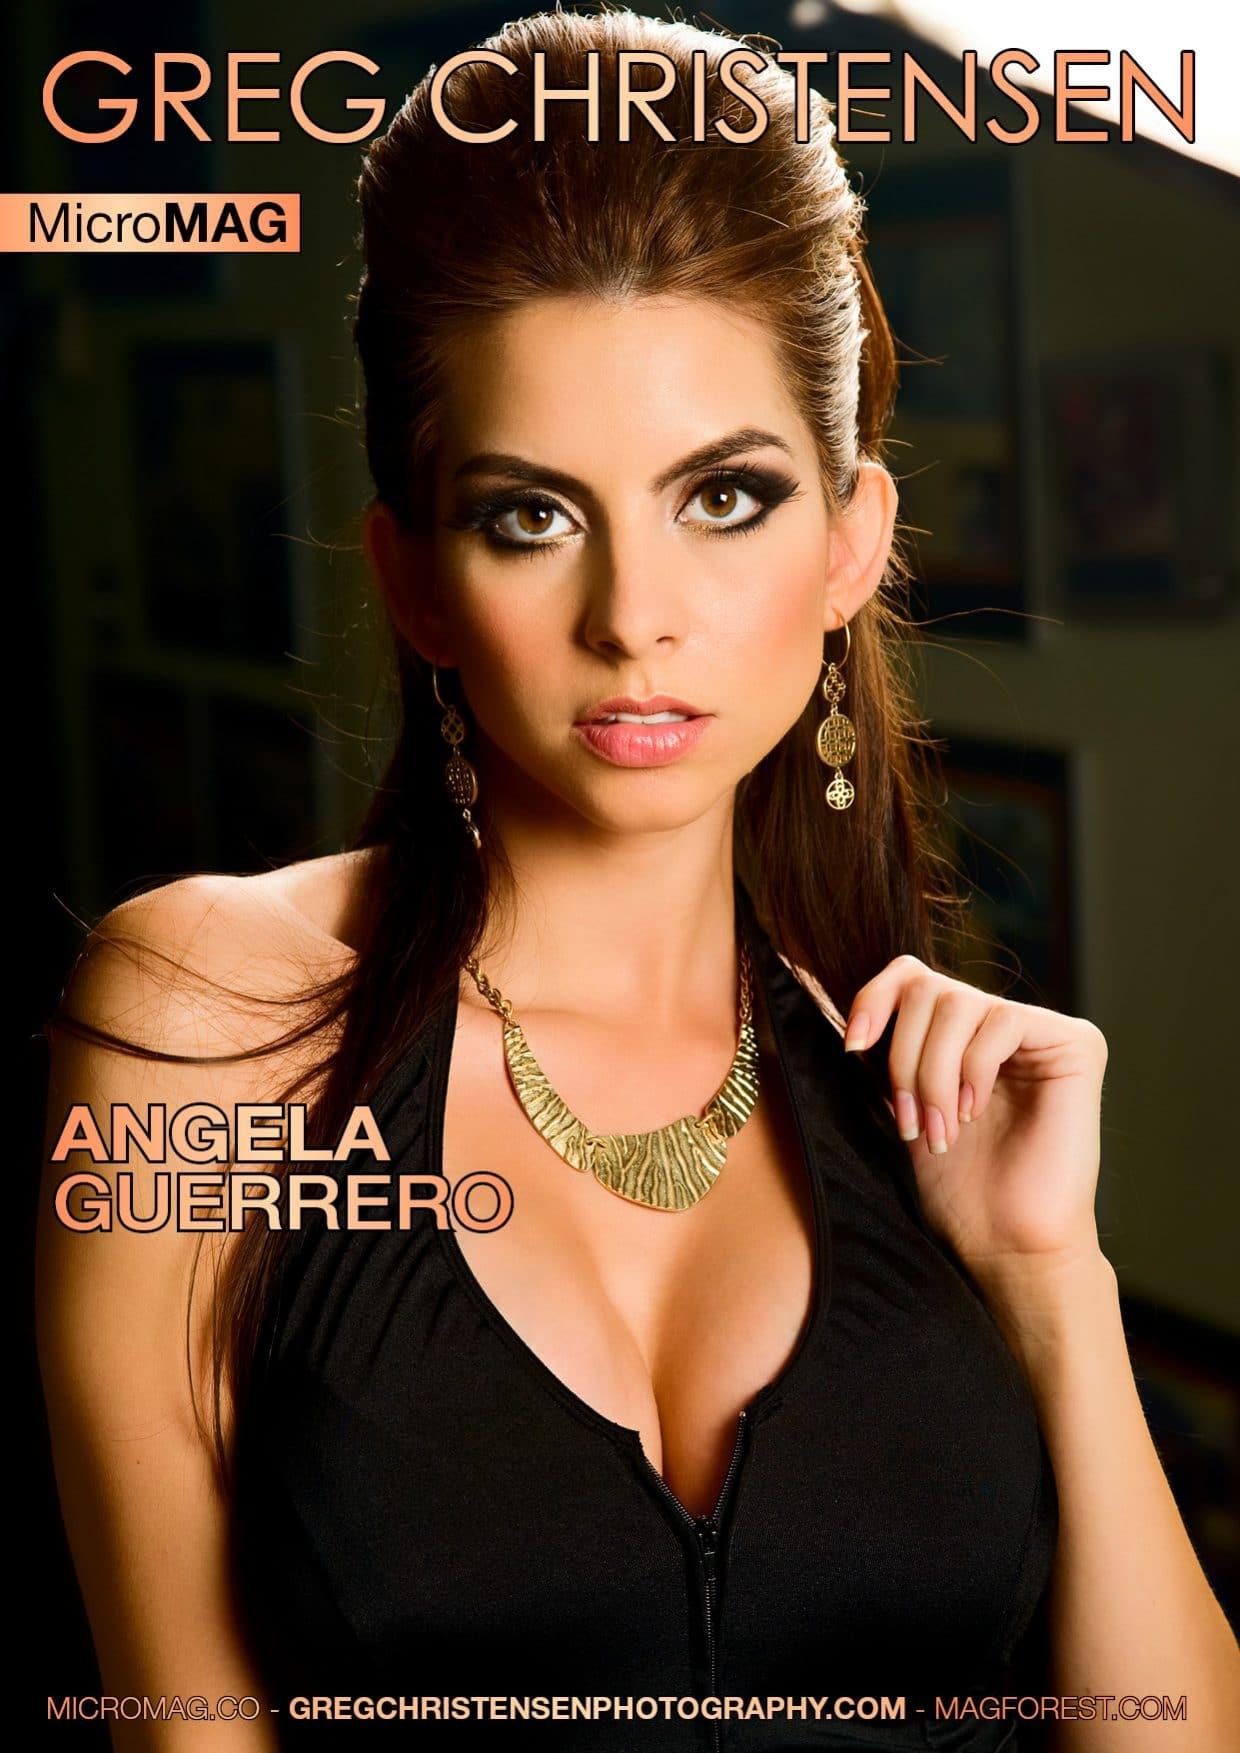 Greg Christensen MicroMAG – Angela Guerrero